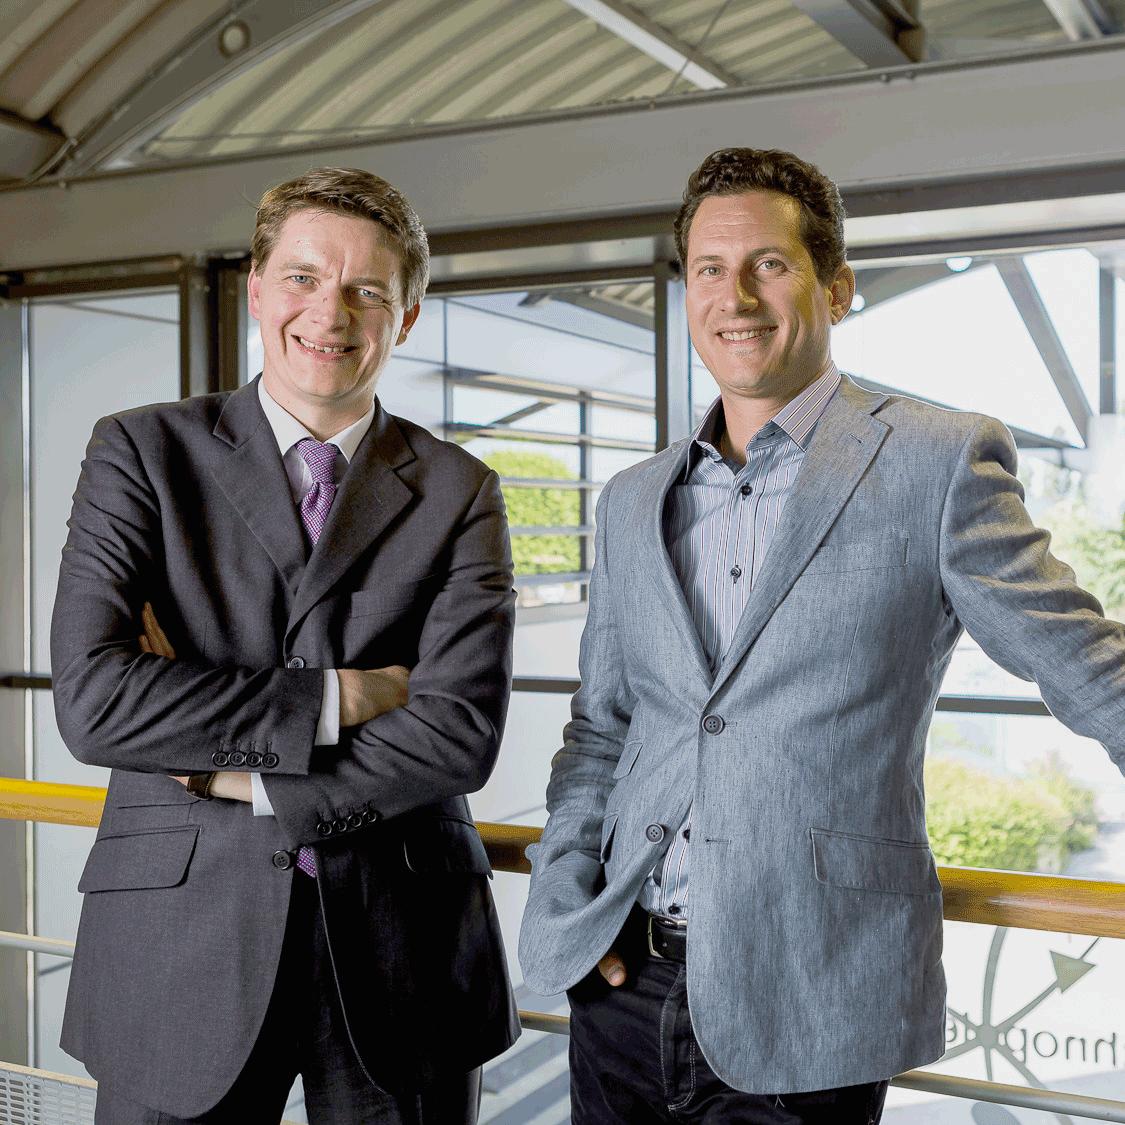 Grégoire Pfirsch (à gauche) et Matthieu Bruneteau (à droite) sont tous les deux issus de l'université Dauphine